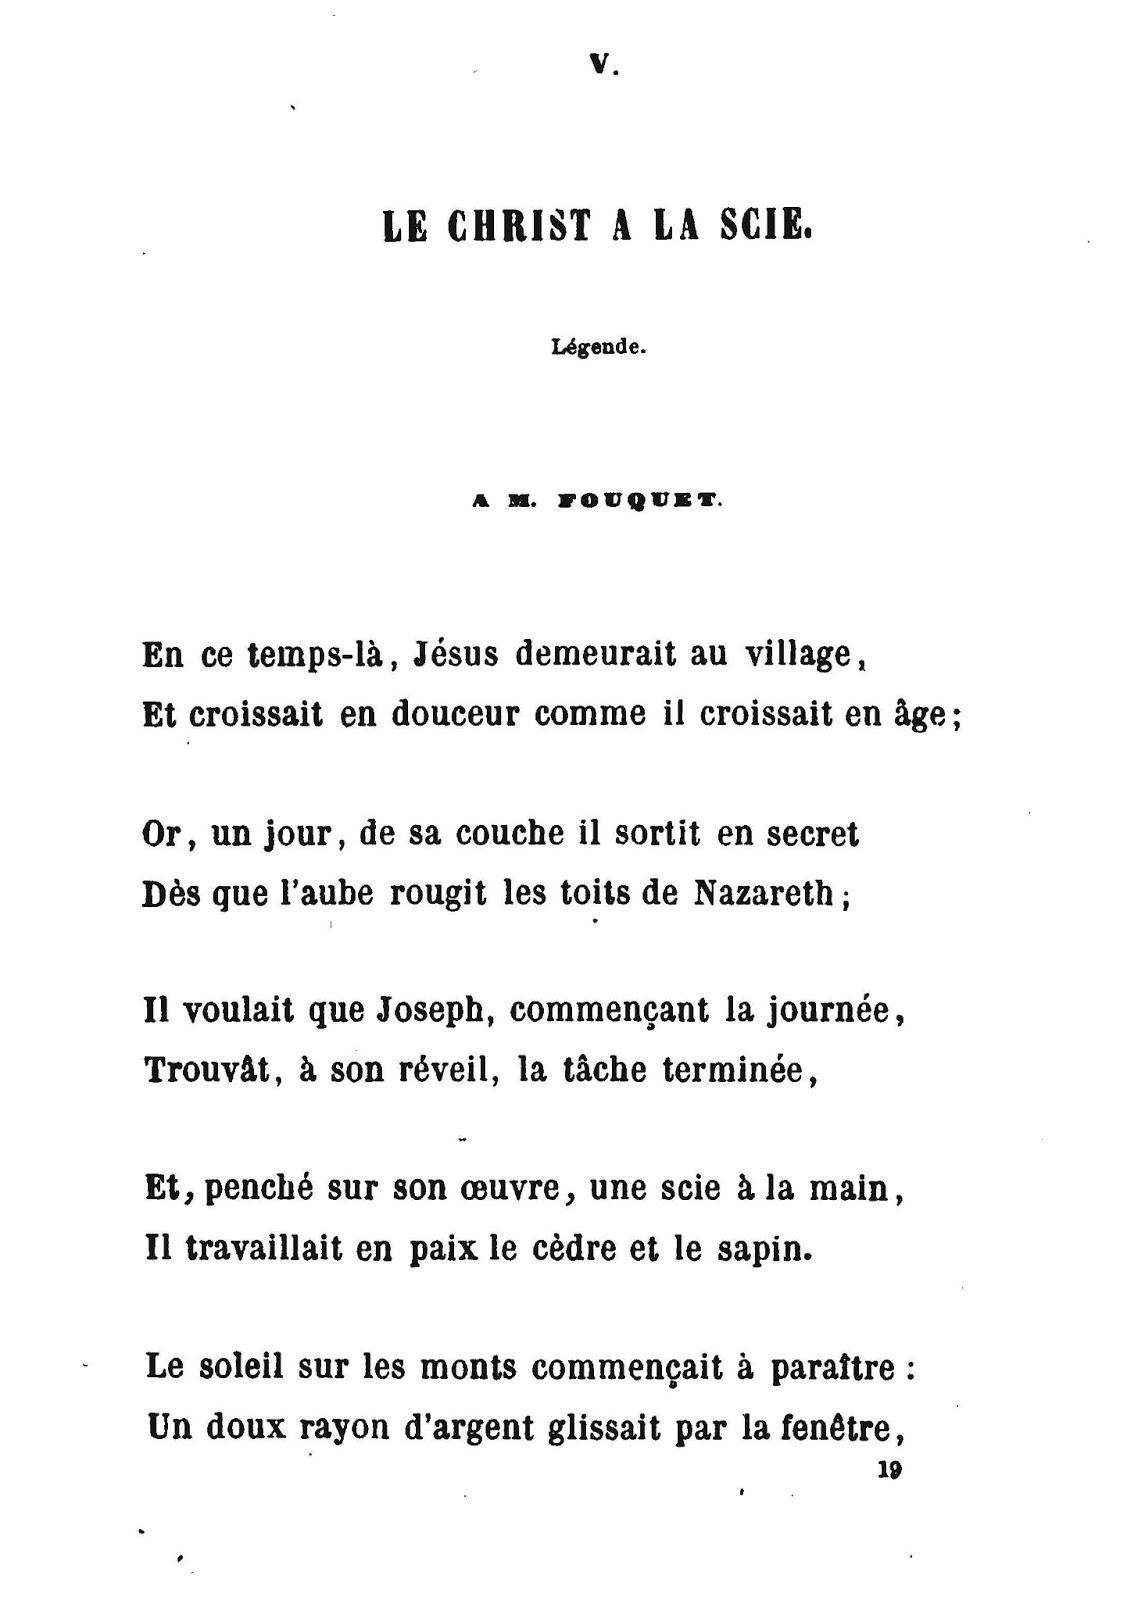 poeme 3 vers